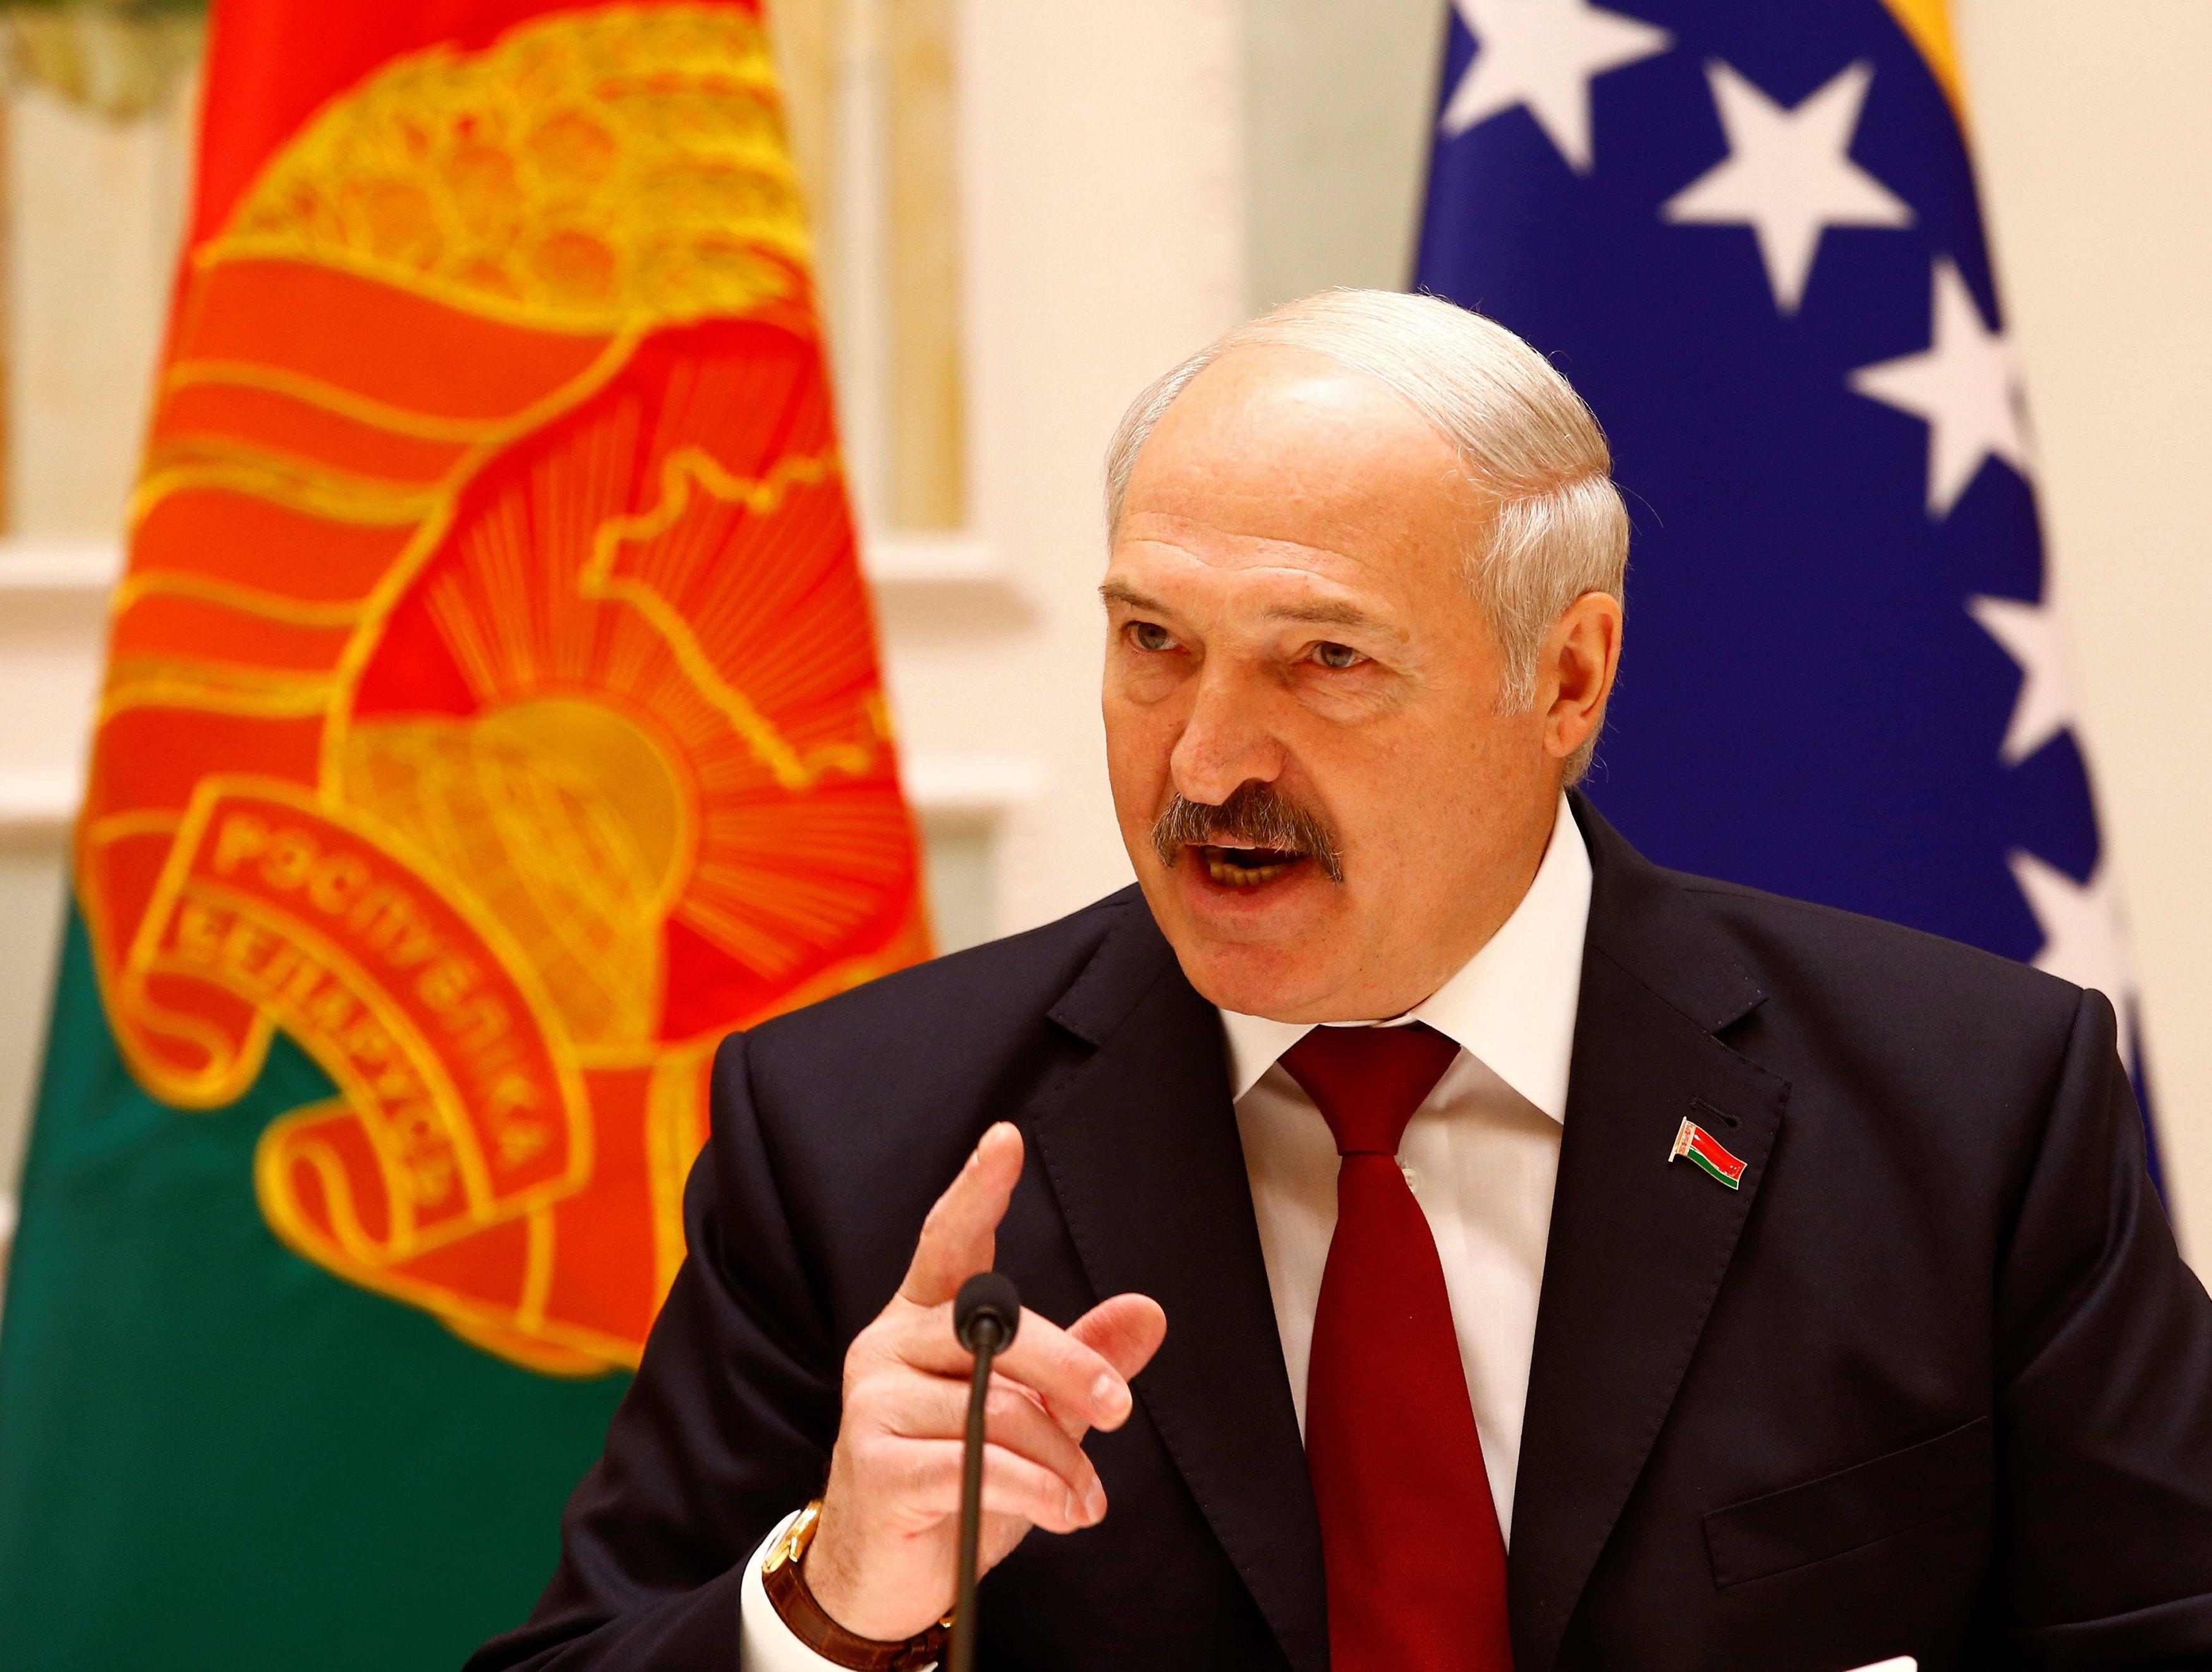 Александр Лукашенко перестал быть равноудаленным в отношениях РФ и Украины, считает публицист